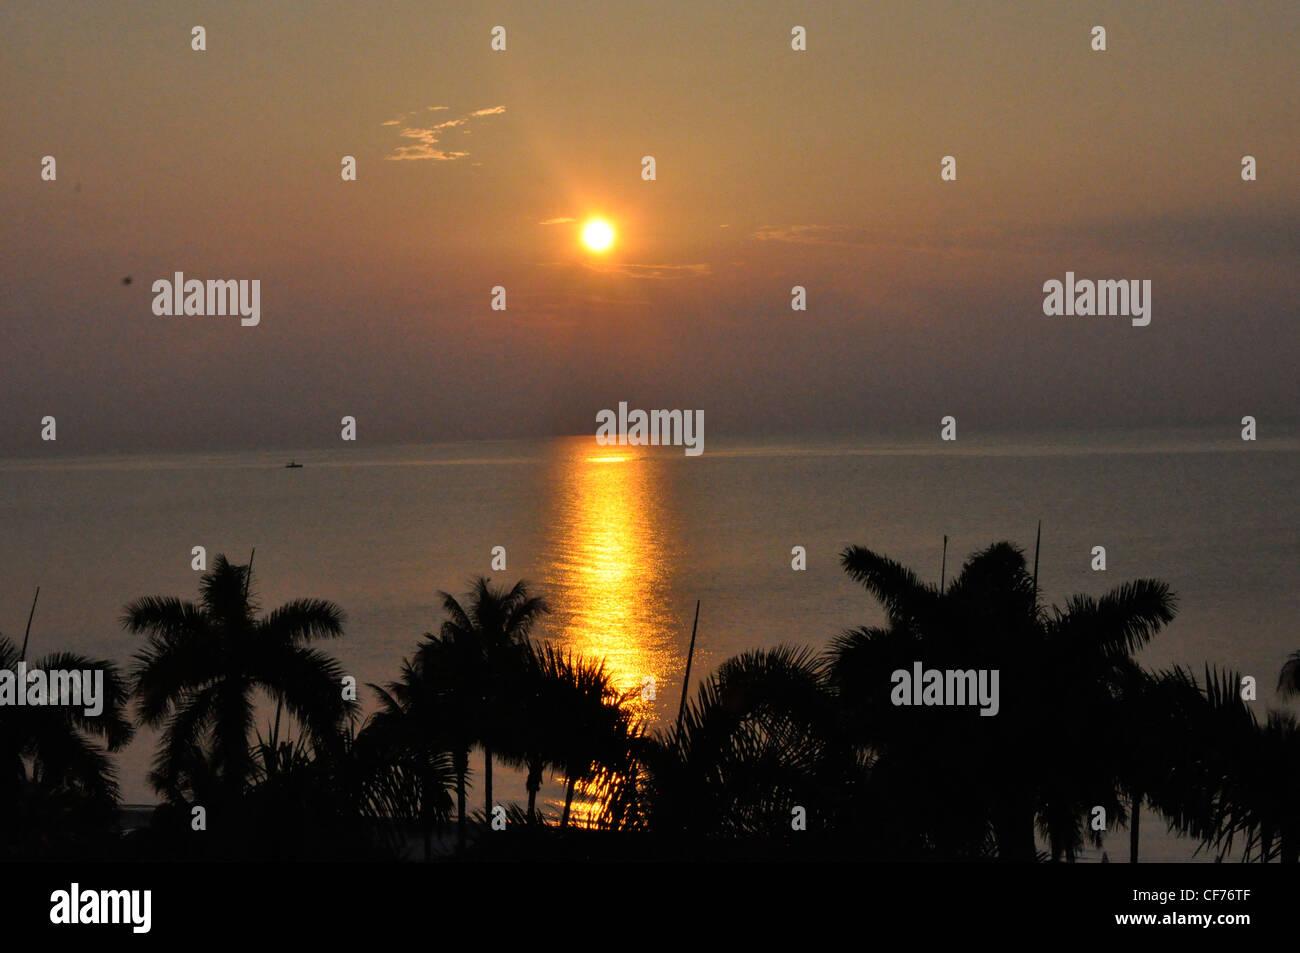 Nuit en couchers de Key Biscayne romance locations Photo Stock